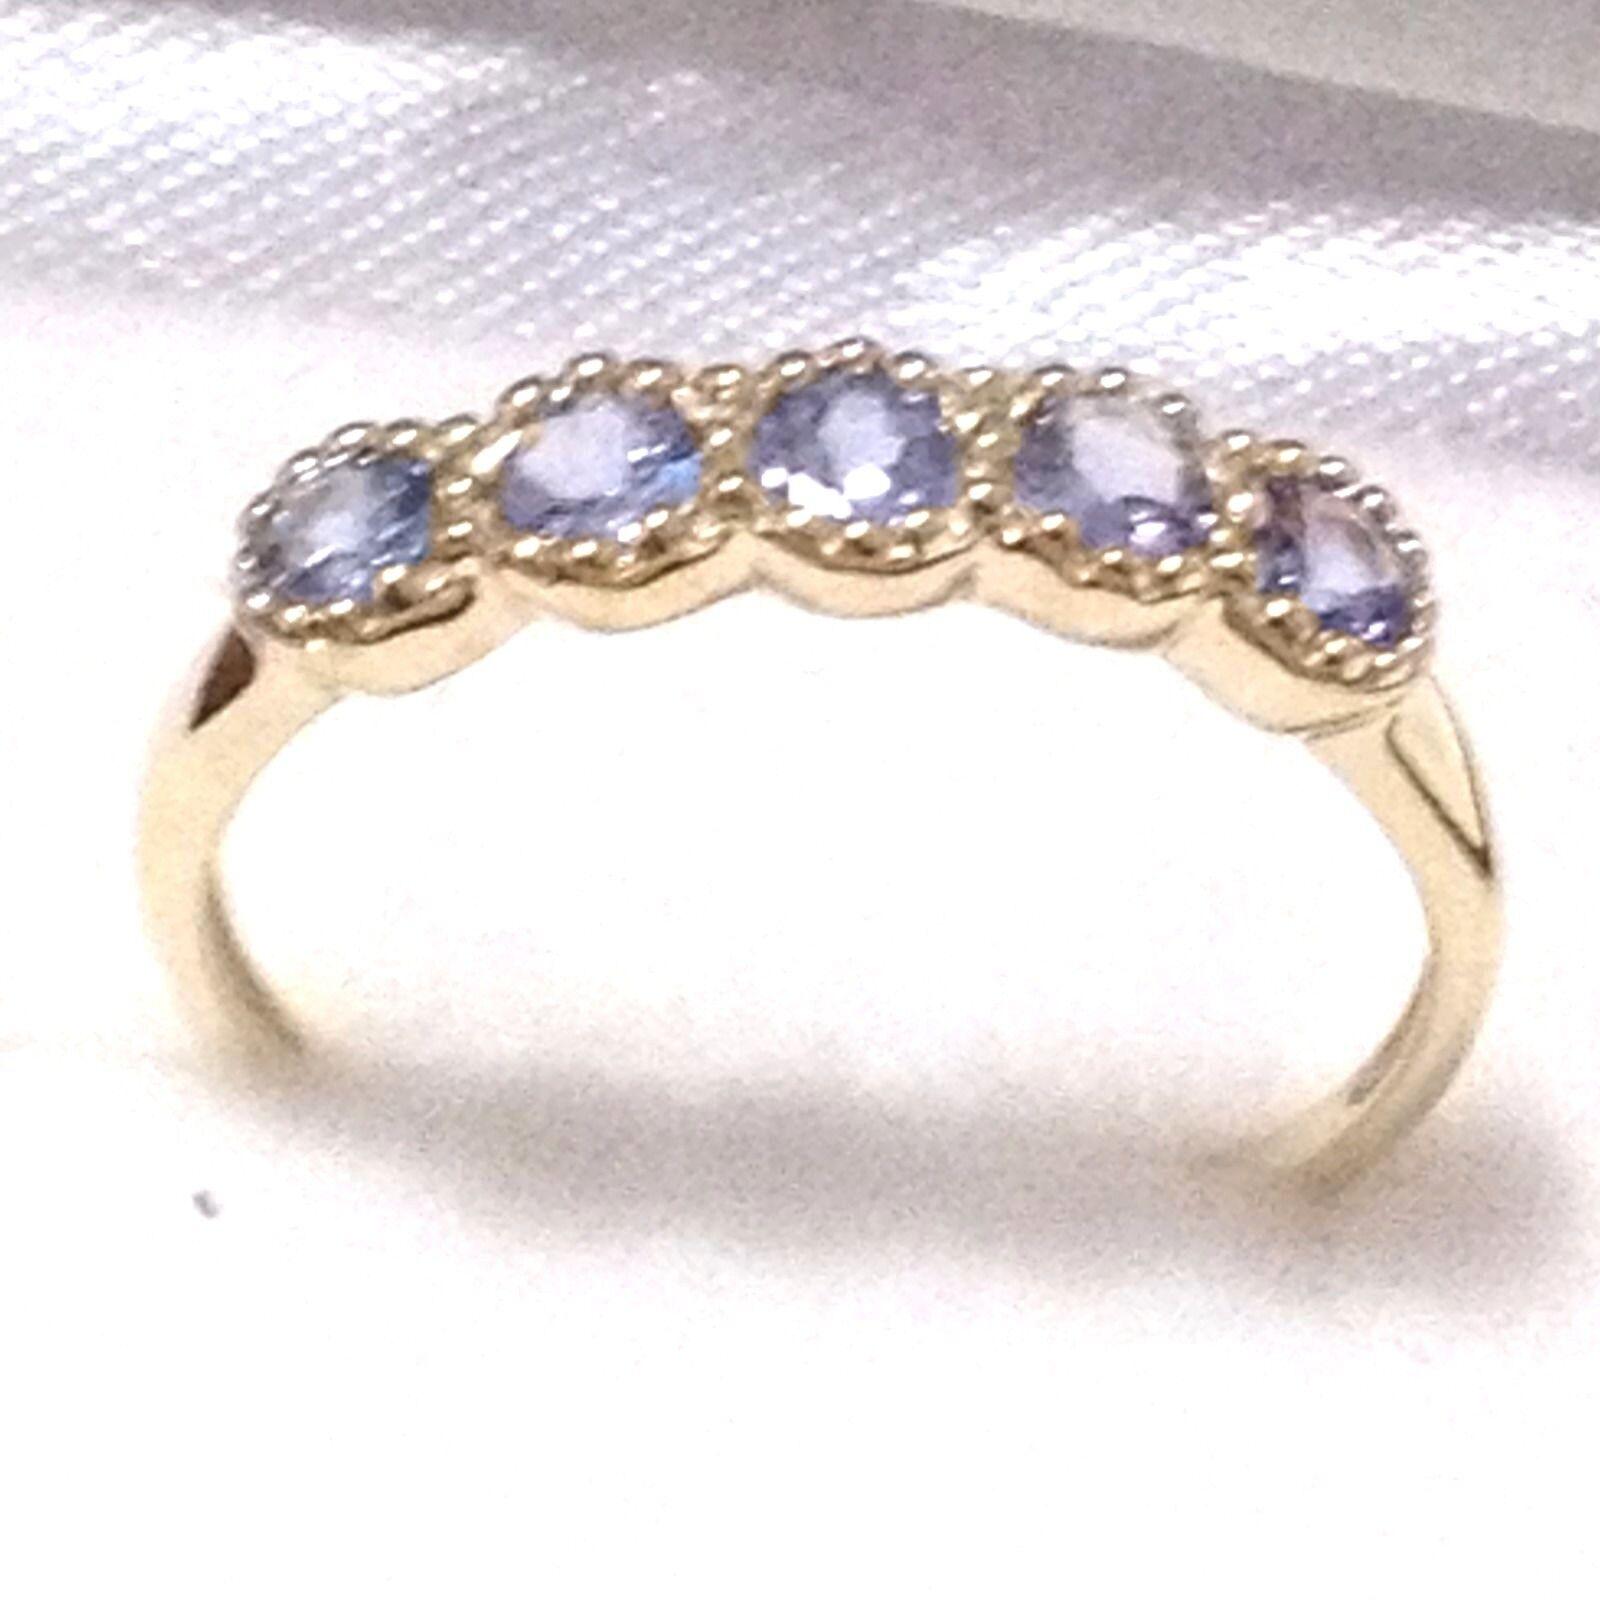 Tanzanite ring gold  5pcs natural Tanzanite 9ct gold ring, women ring, Size N